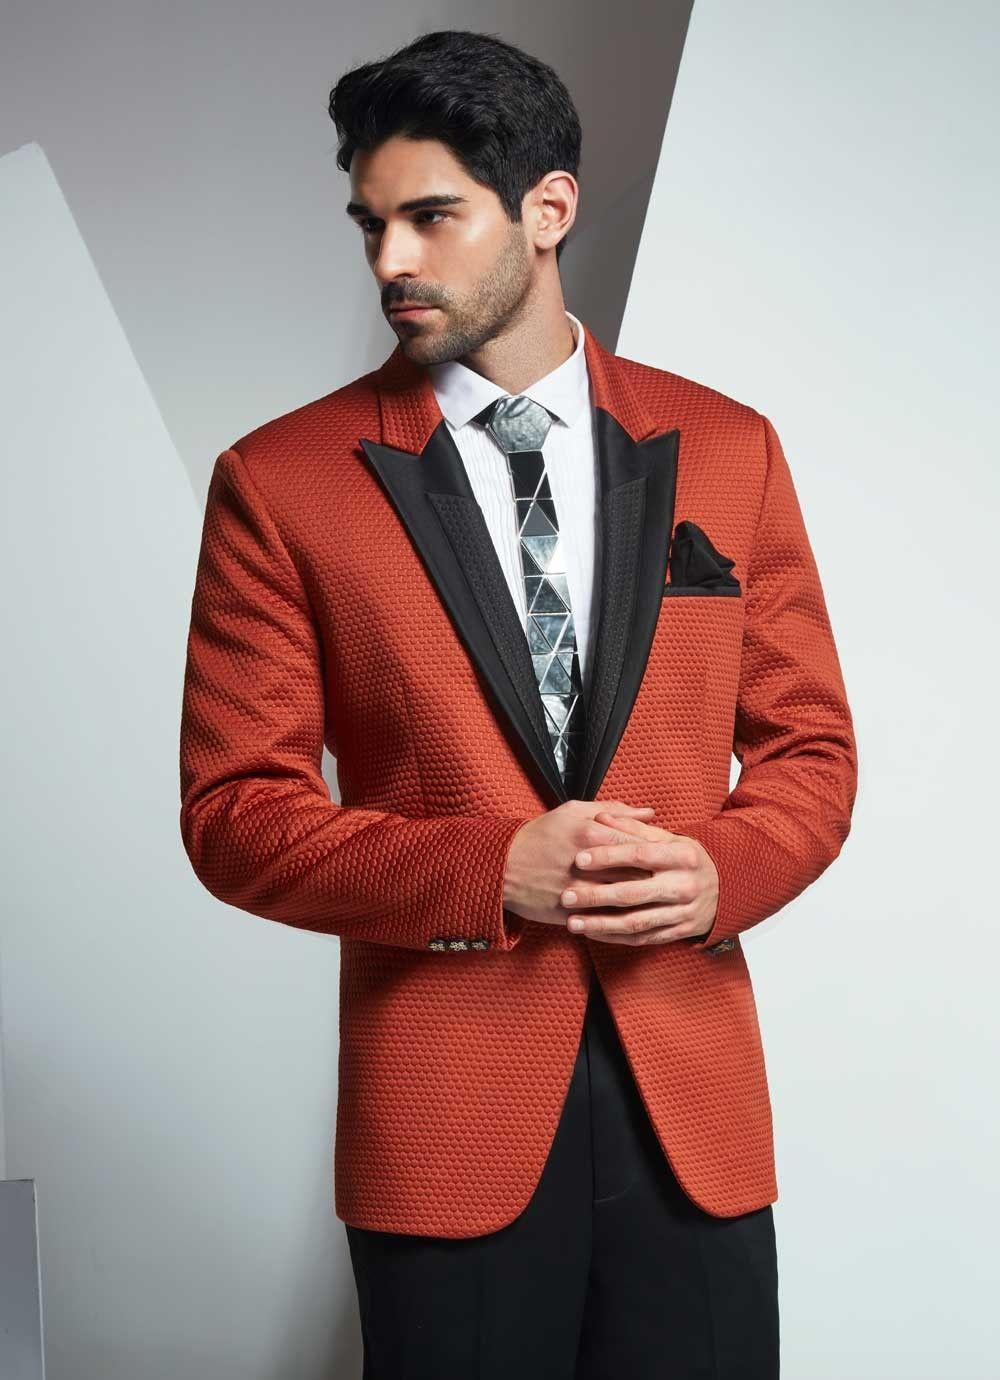 Admiration of designer men's clothing